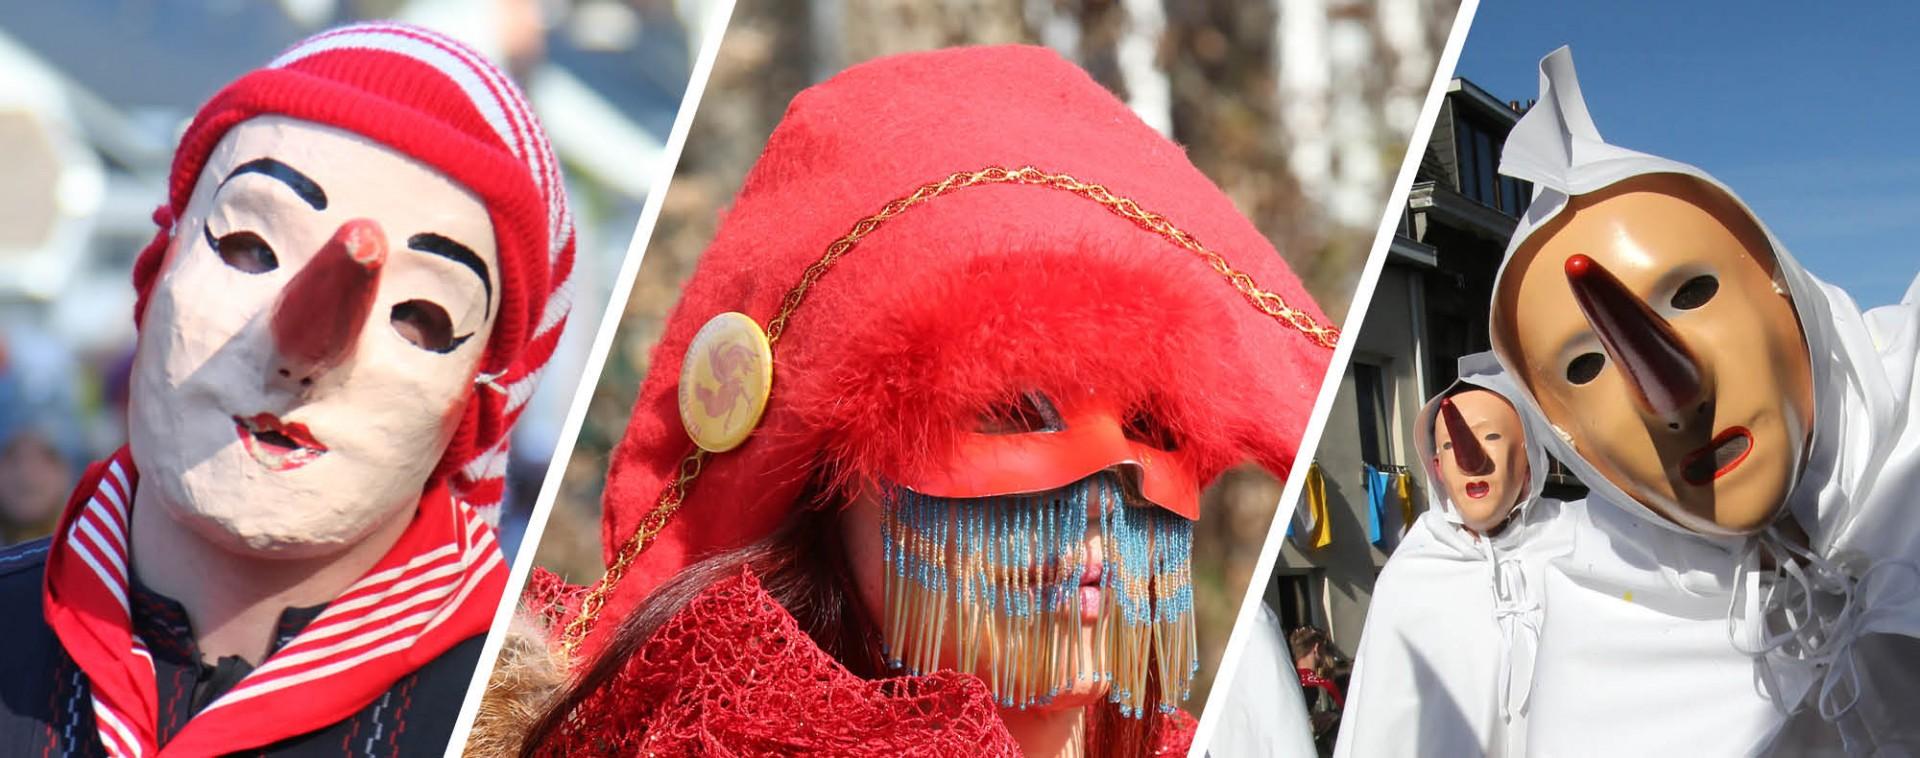 Carnavals 2018 en province de Liège | © FTPL - Patrice Fagnoul